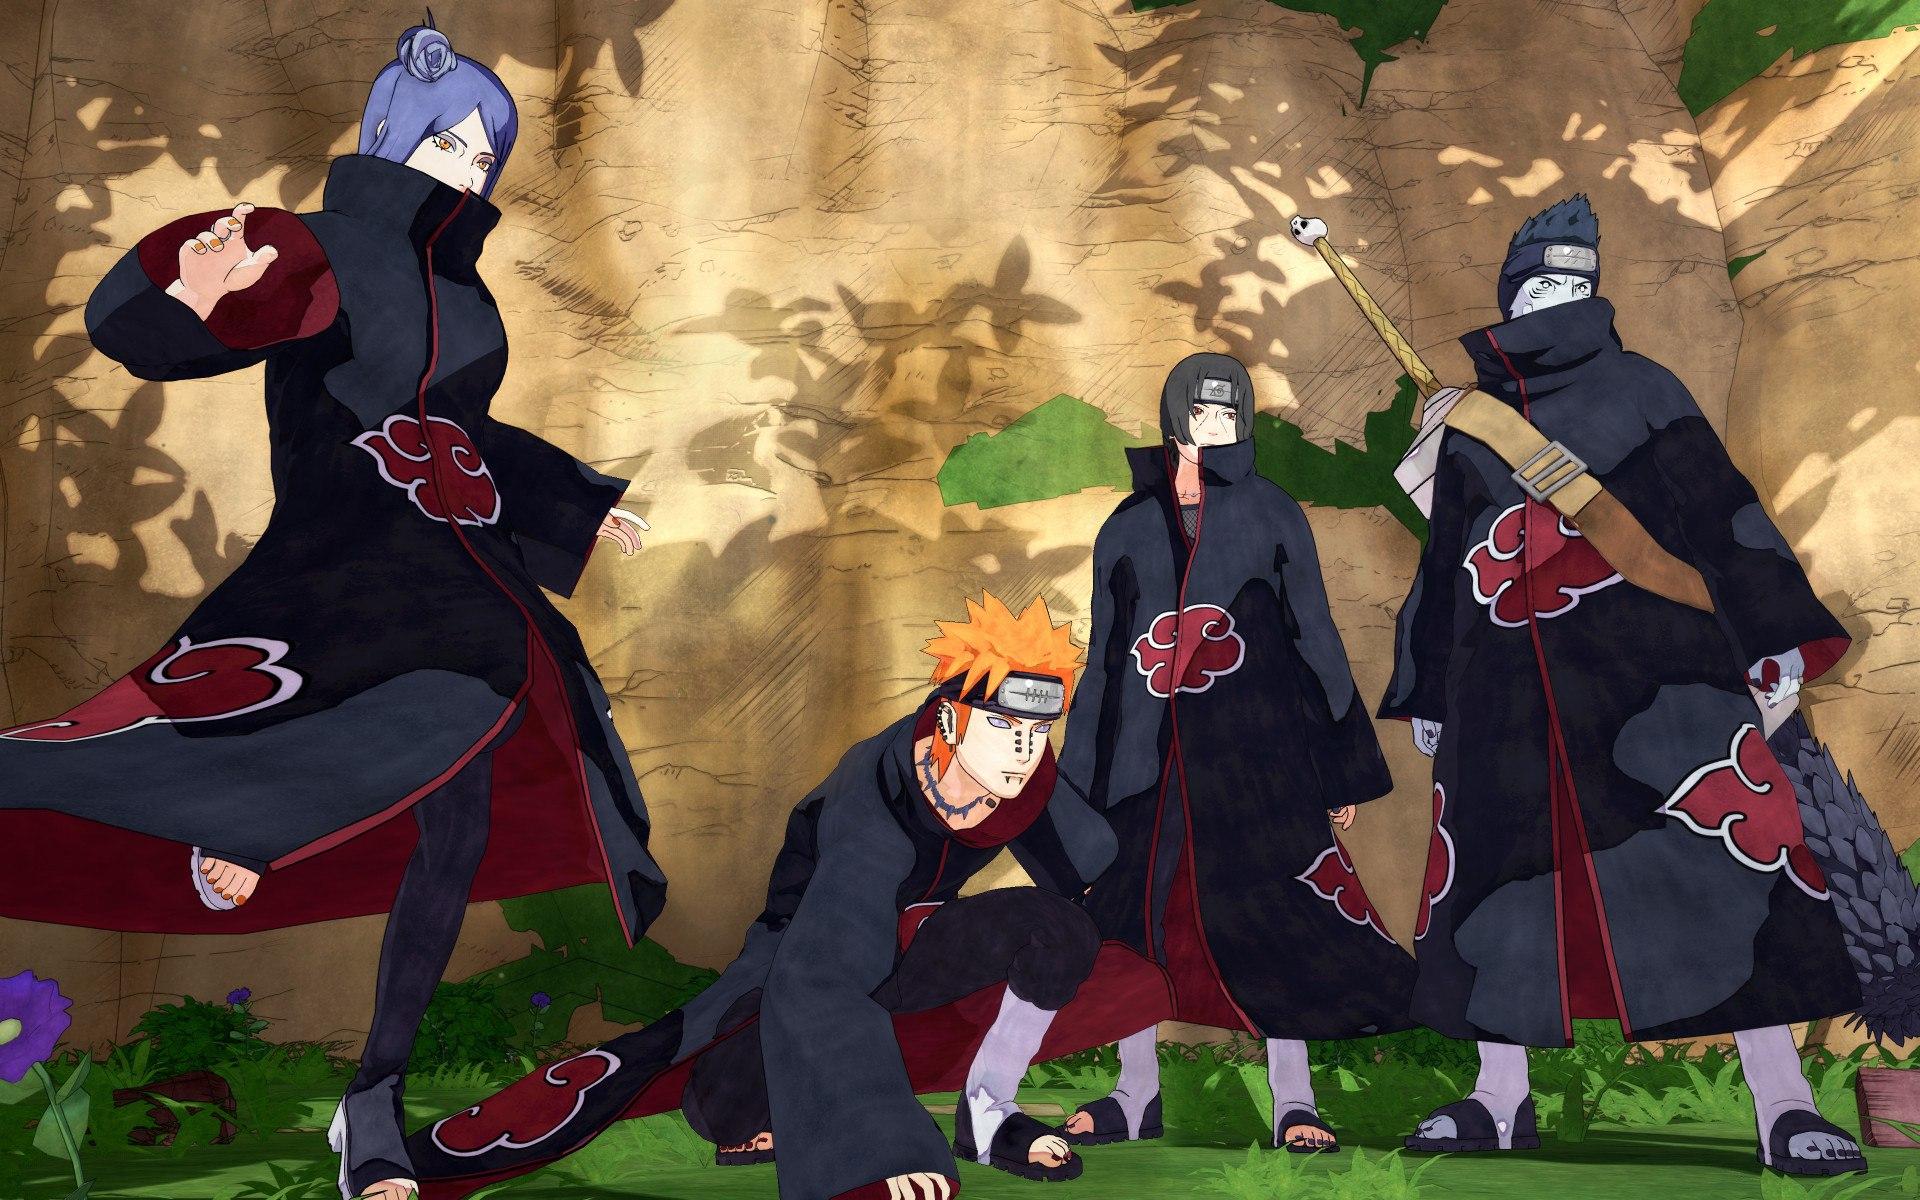 Смотреть Naruto to Boruto Shinobi Striker 2019: дата выхода игры, системные требования для ПК и PS4 видео